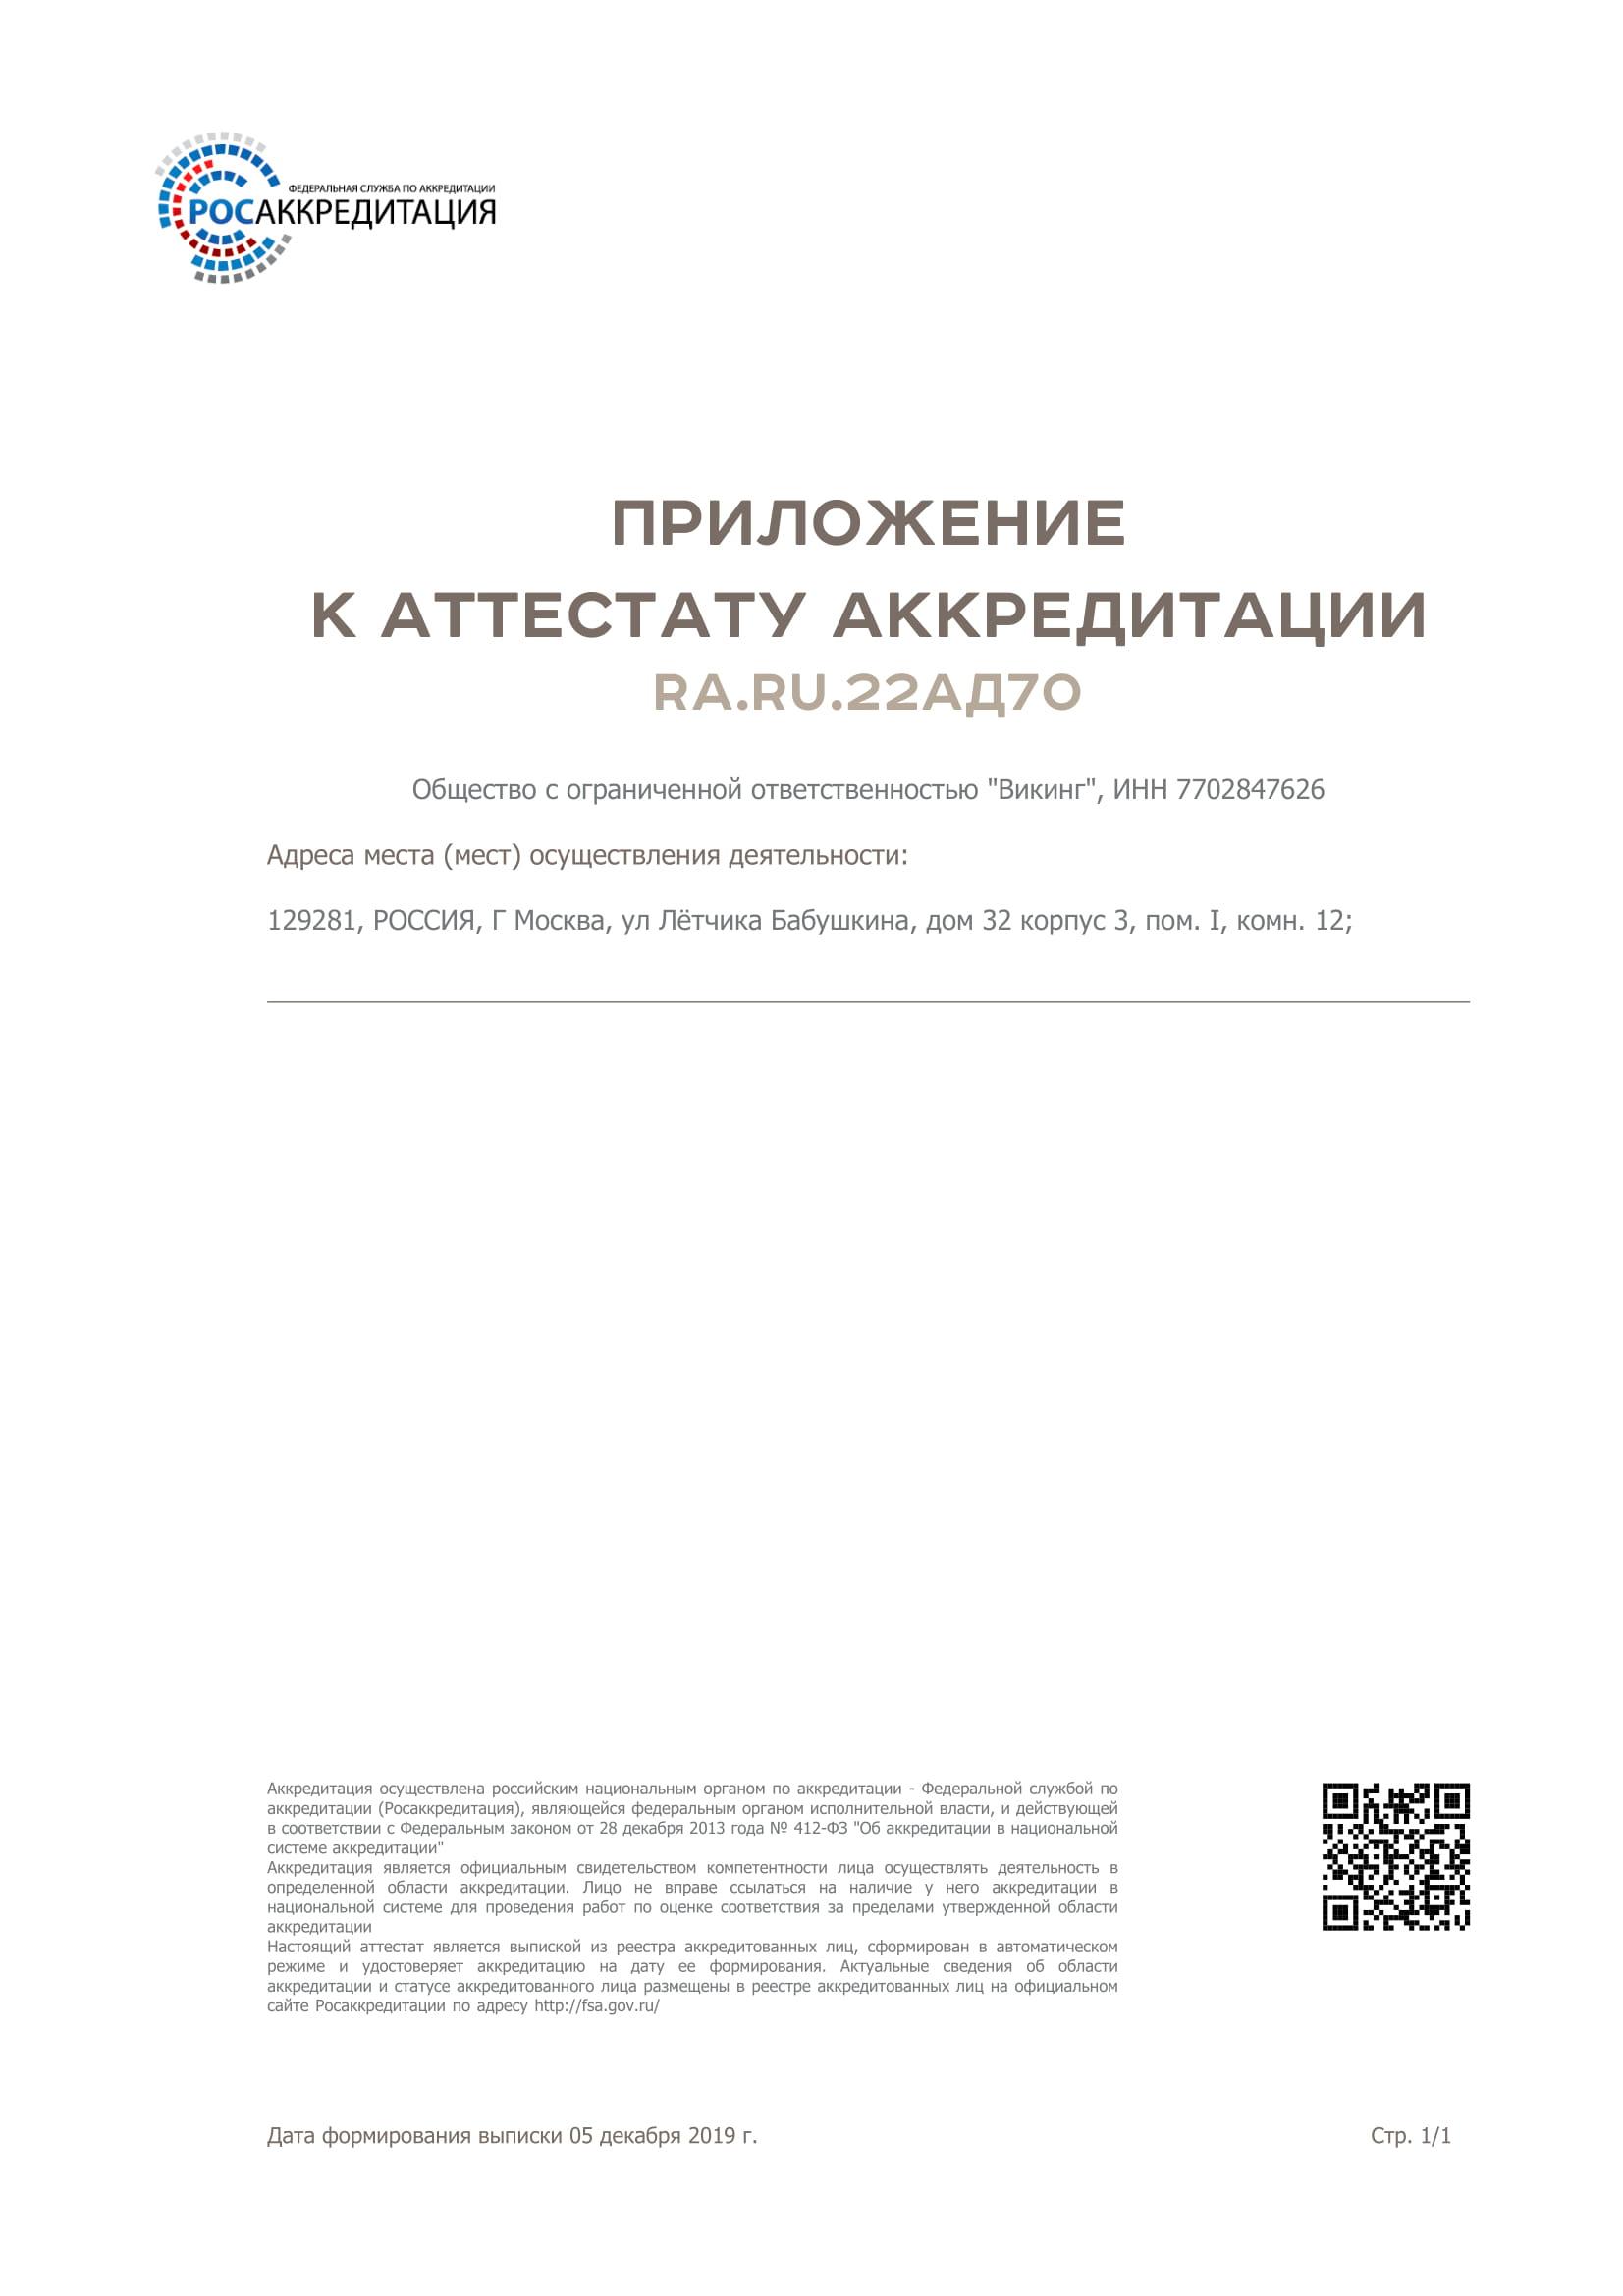 Выписка из реестра RA.RU.22АД70 от 05.12.2019-2